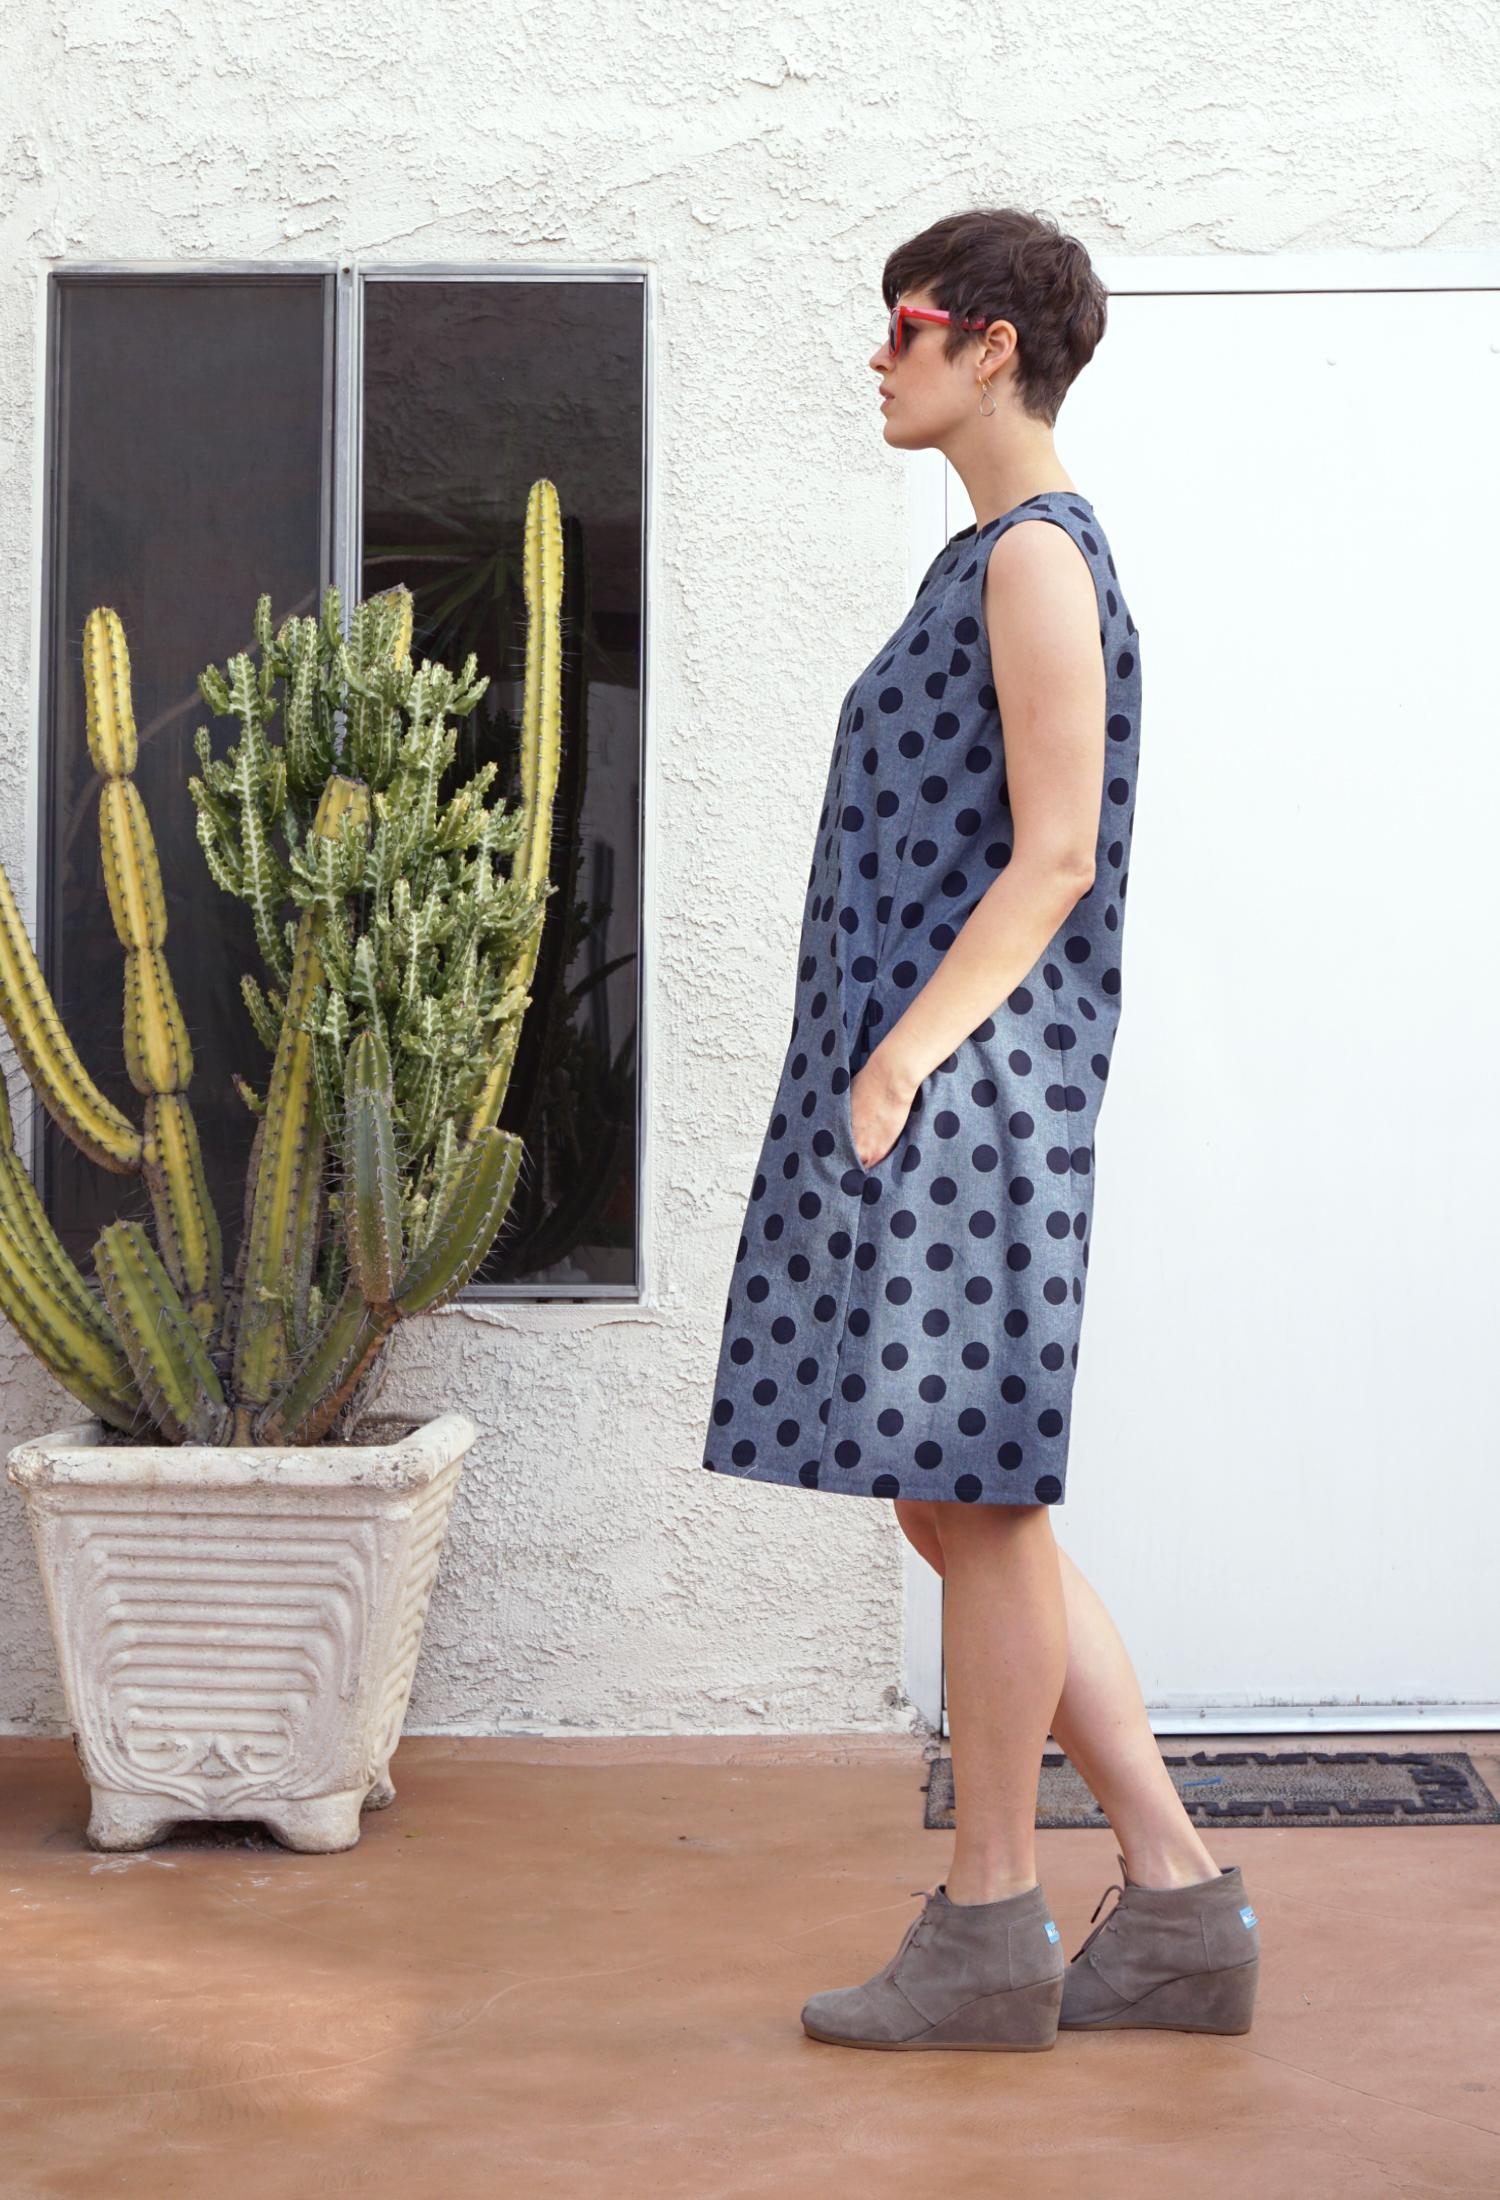 DIY Polka Dot Rushcutter Dress